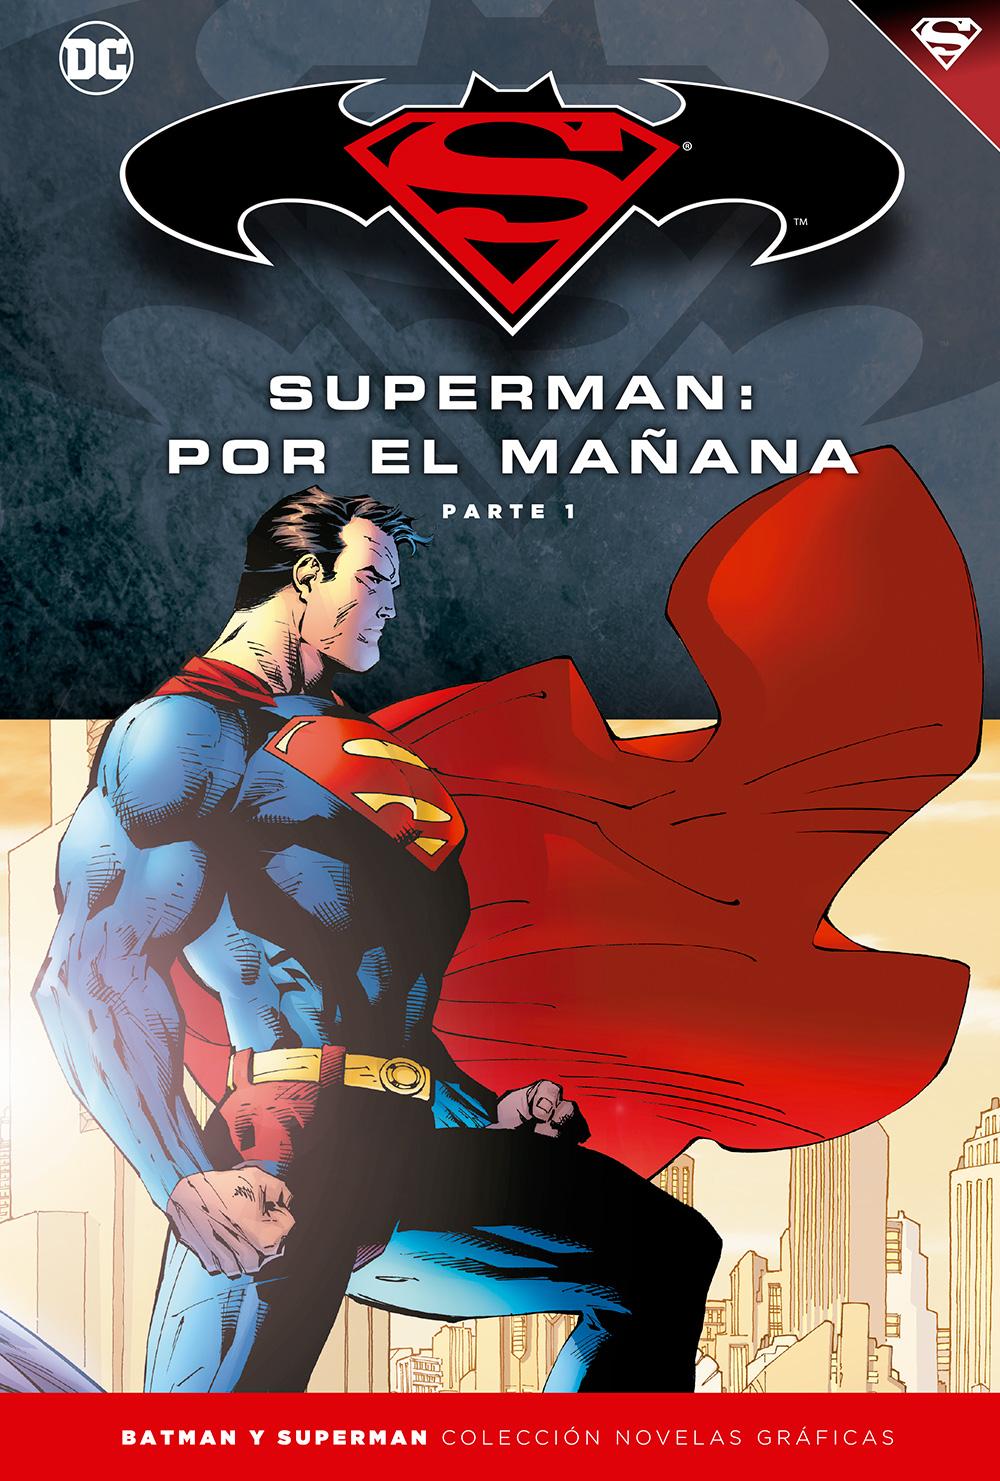 [DC - Salvat] Batman y Superman: Colección Novelas Gráficas - Página 5 Portada_BMSM_11_superman_man%CC%83ana